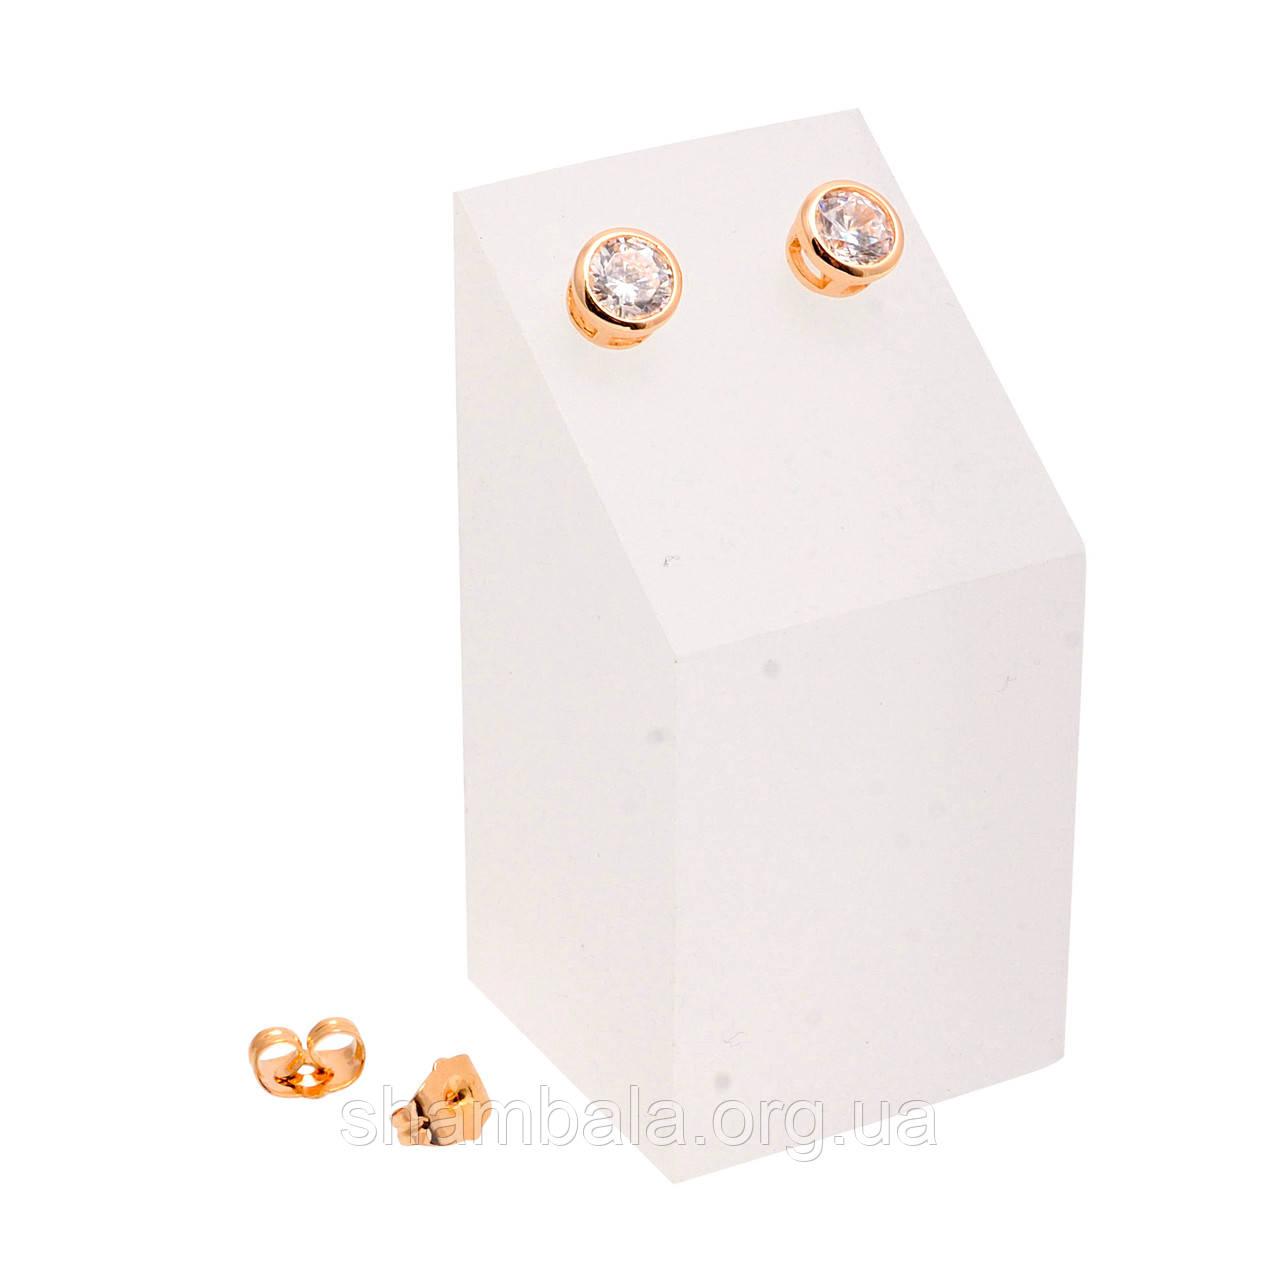 """Серьги-гвоздики Xuping Jewelry """"Гвоздики с камнем"""" позолота (050553)"""